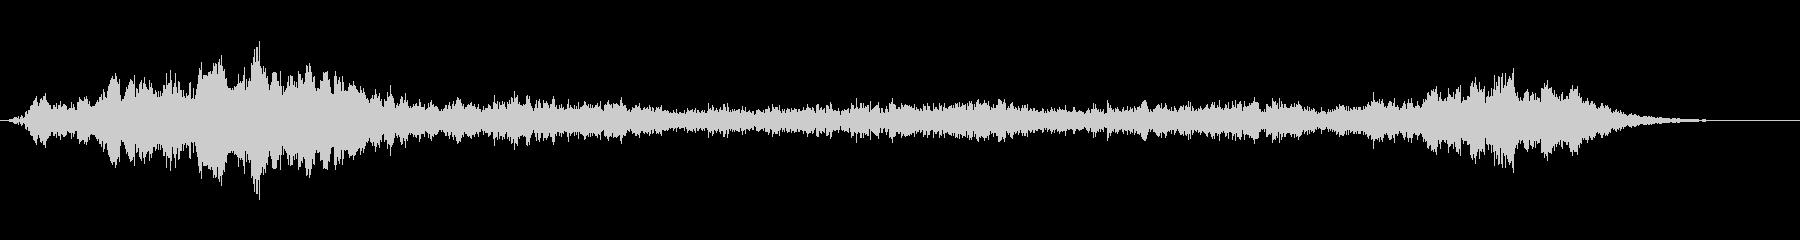 シリアス音3の未再生の波形